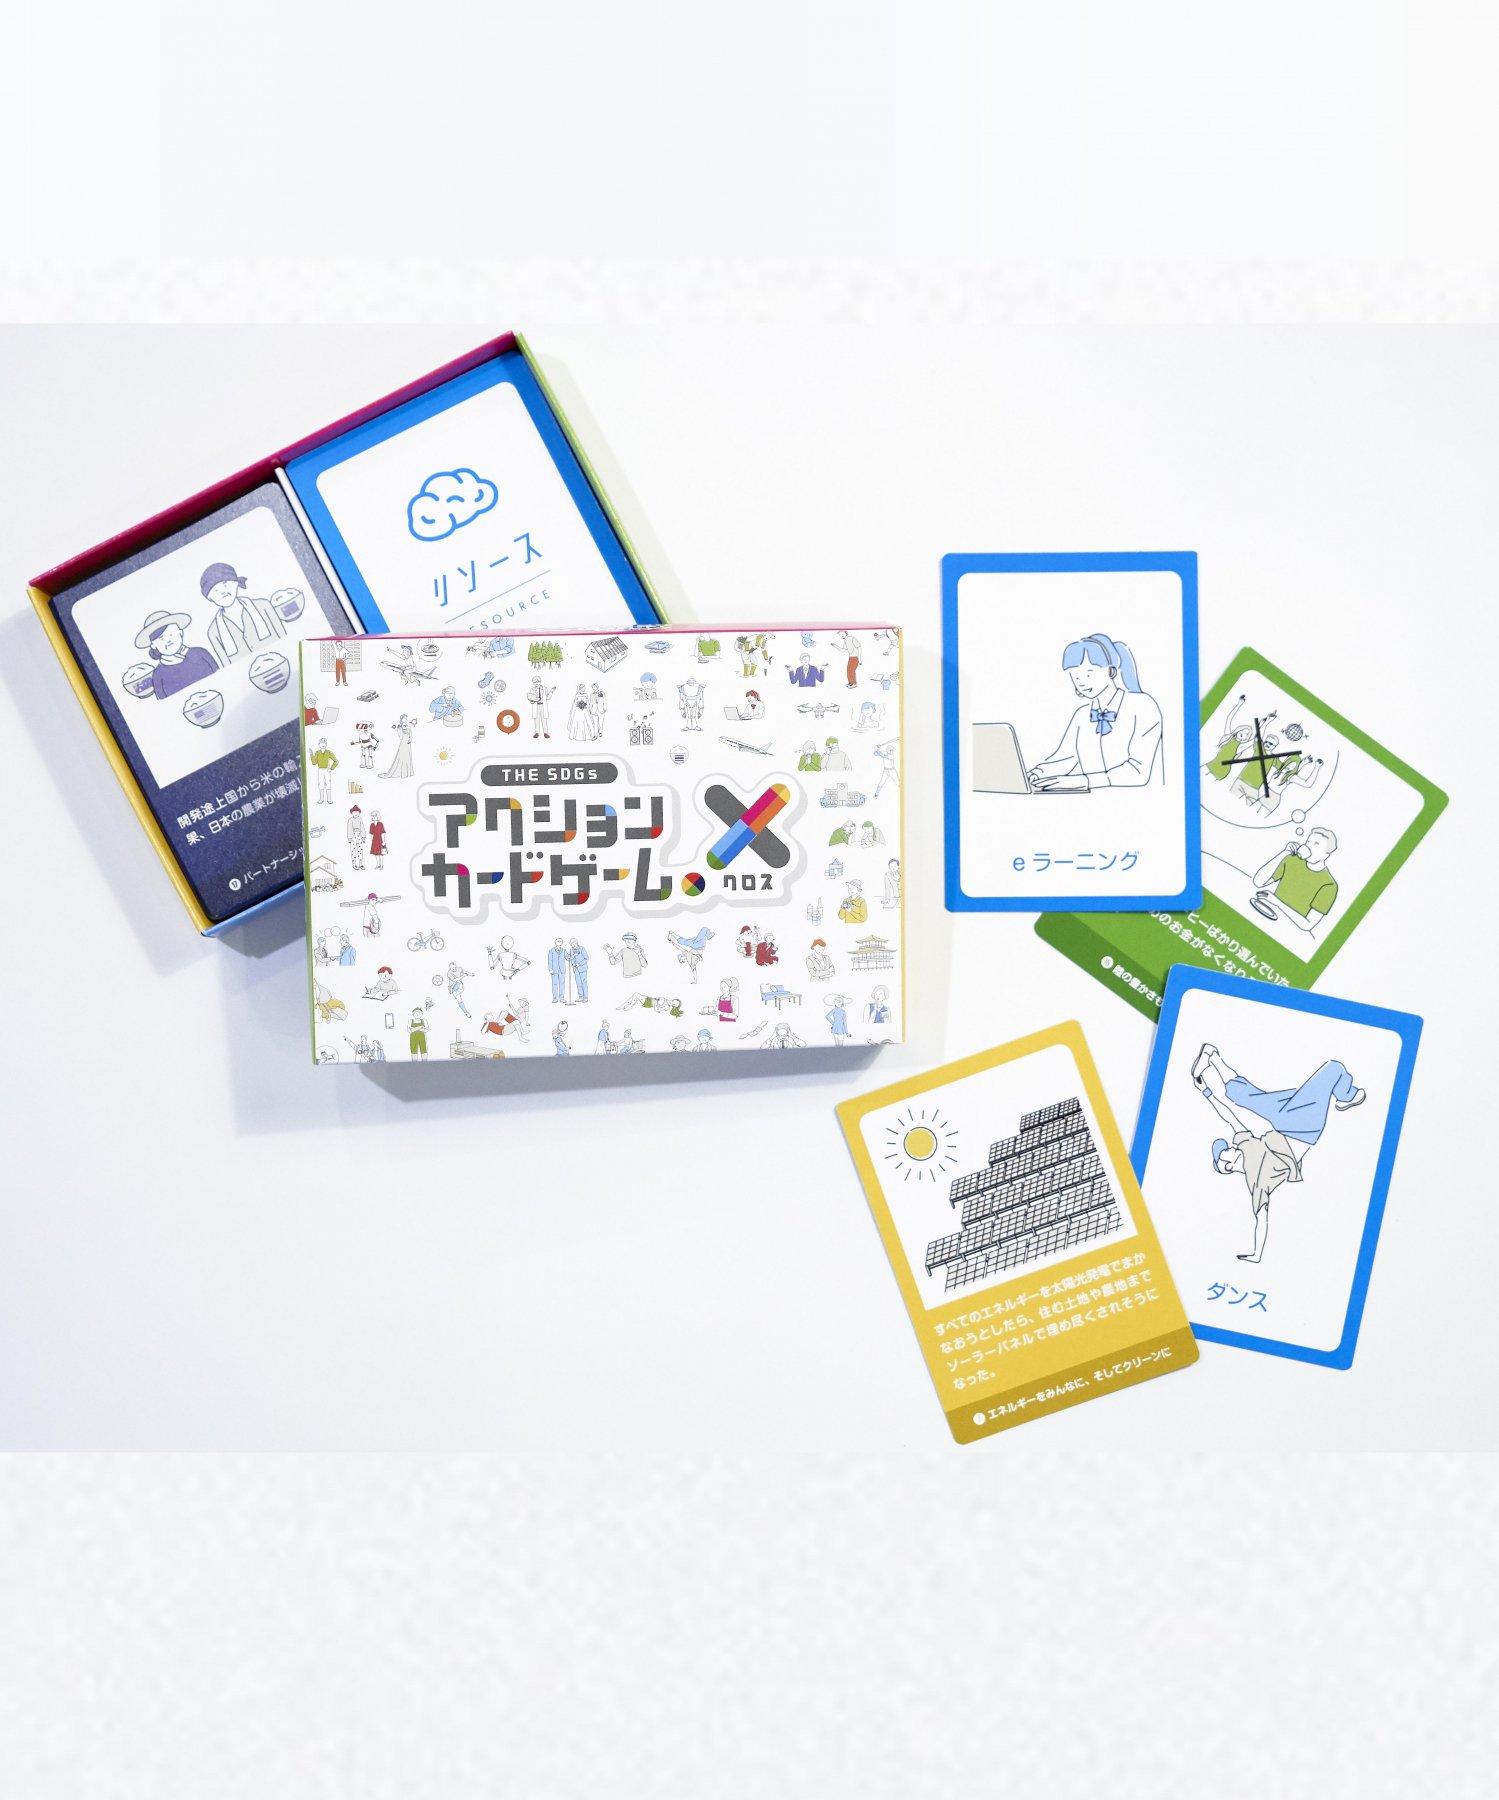 公益社団法人日本シェアリングネイチャー協会様専用【REBIRTH PROJECT】THE SDGs アクションカードゲーム X(クロス)